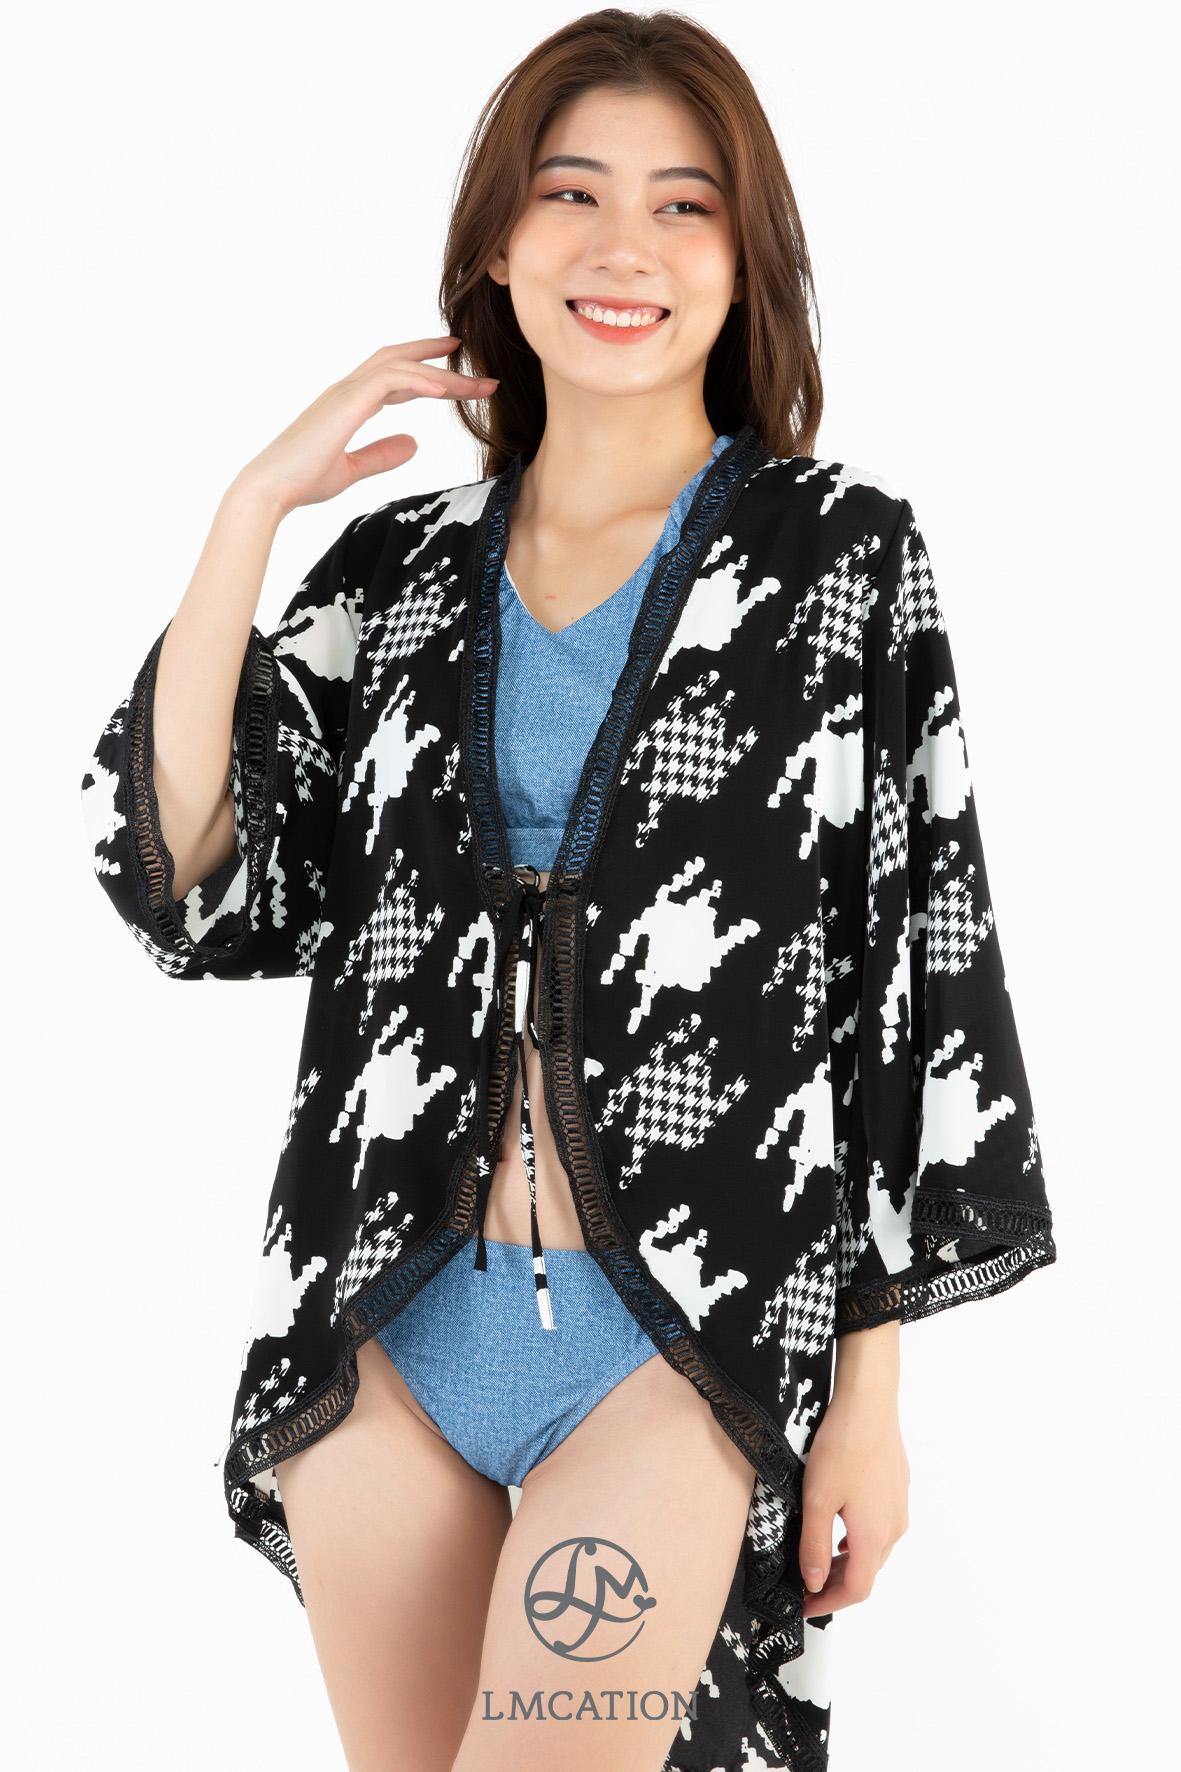 LMcation Mara Kimono - Argyle Patches